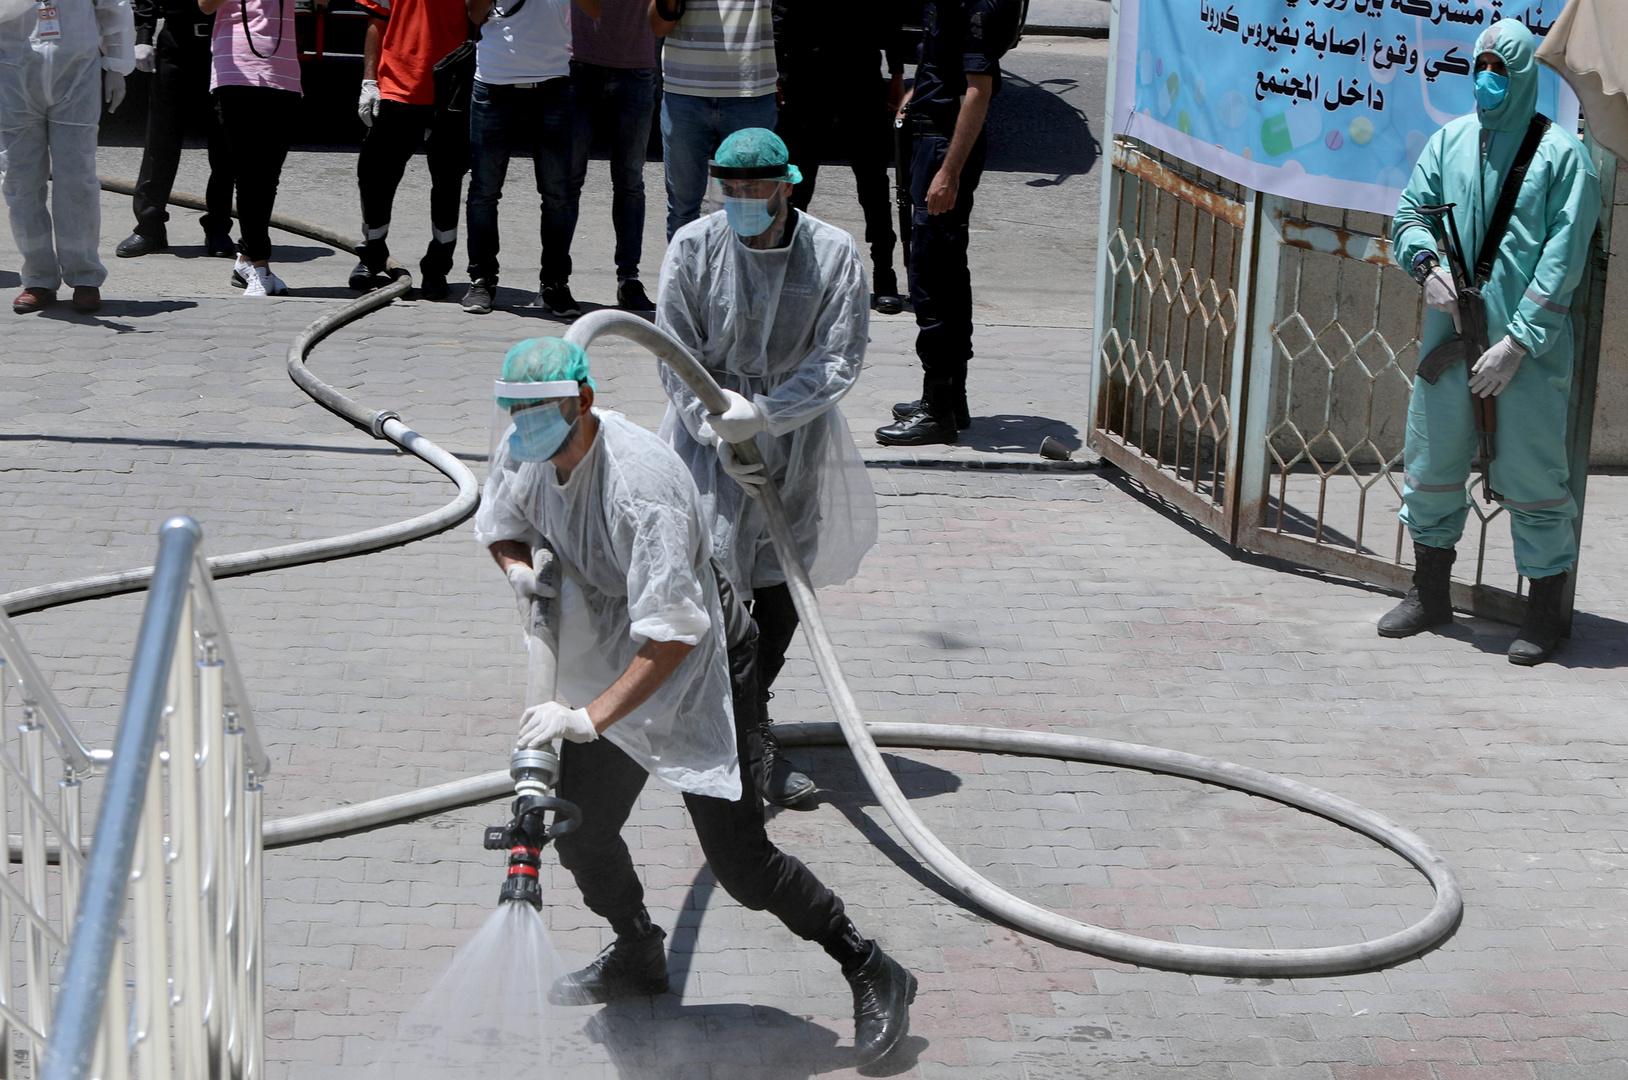 تعافي شخصين من كورونا في غزة ولا إصابات جديدة